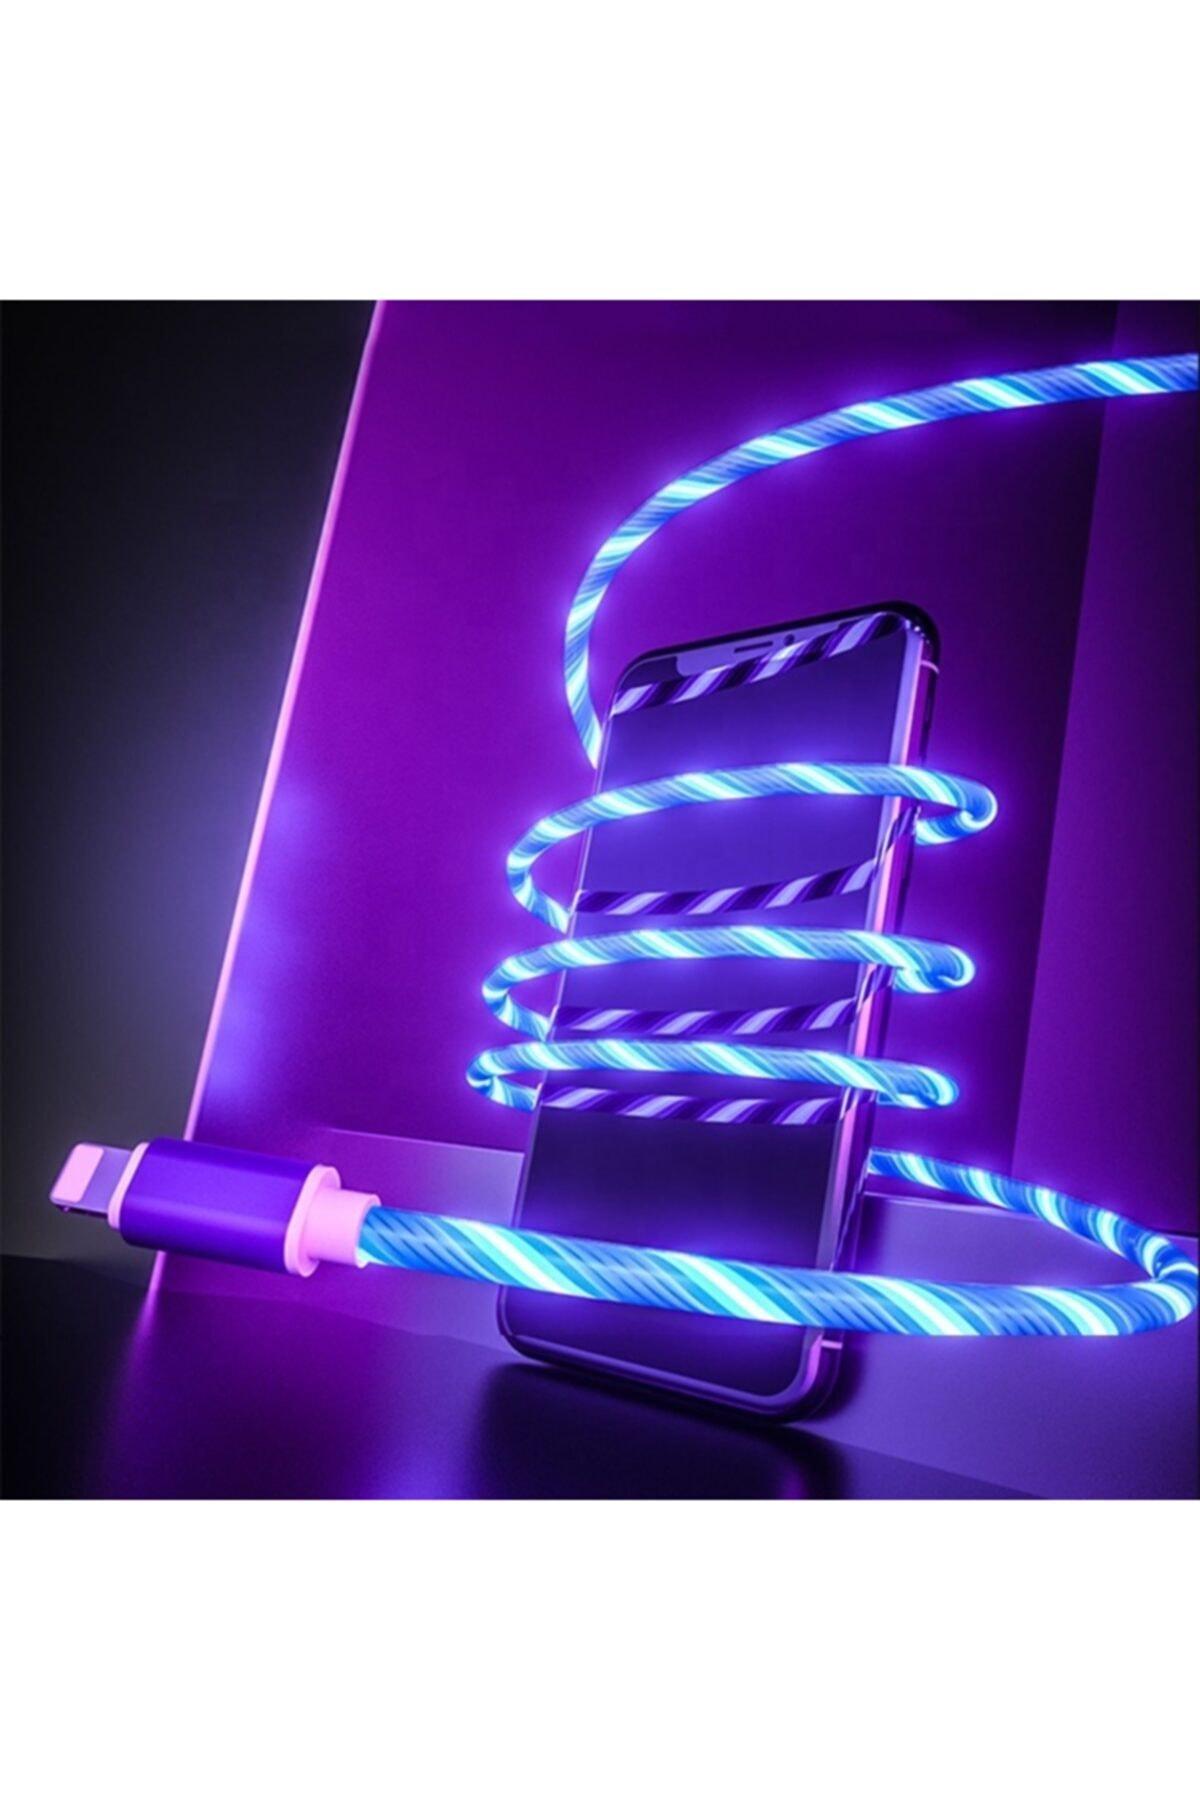 Mavi Renk Neon Işıklı Ledli Yeni Nesil Iphone Kablo